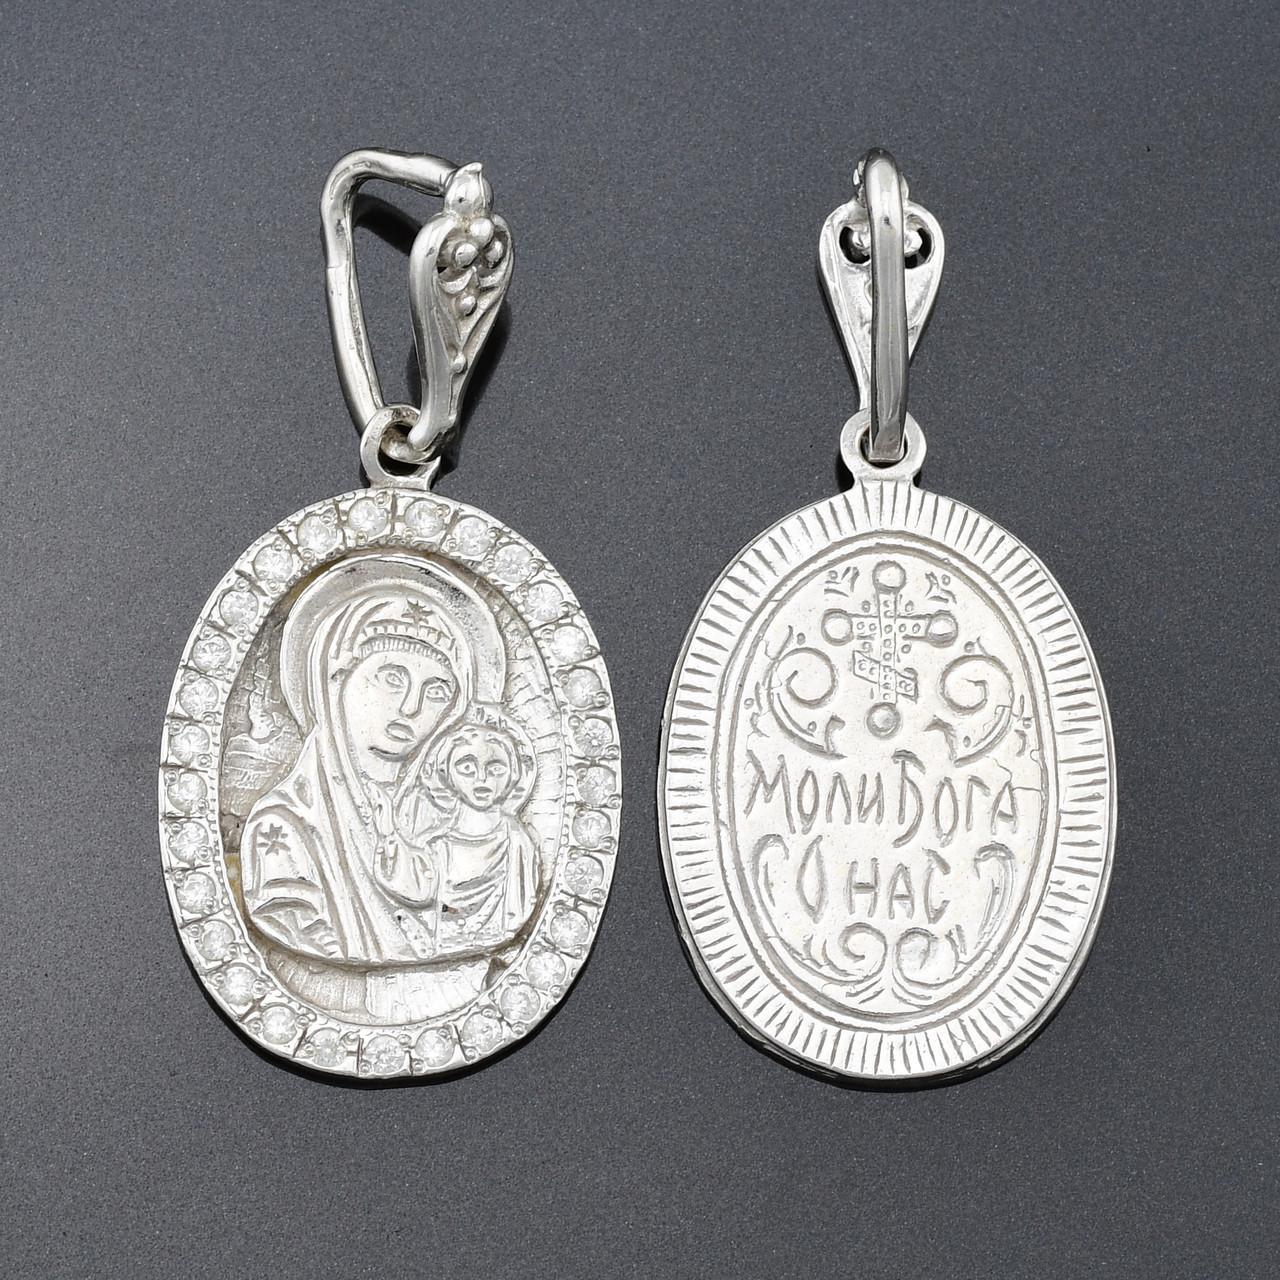 Серебряная иконка Богородица Казанская 38х18 мм вес 4.54 г